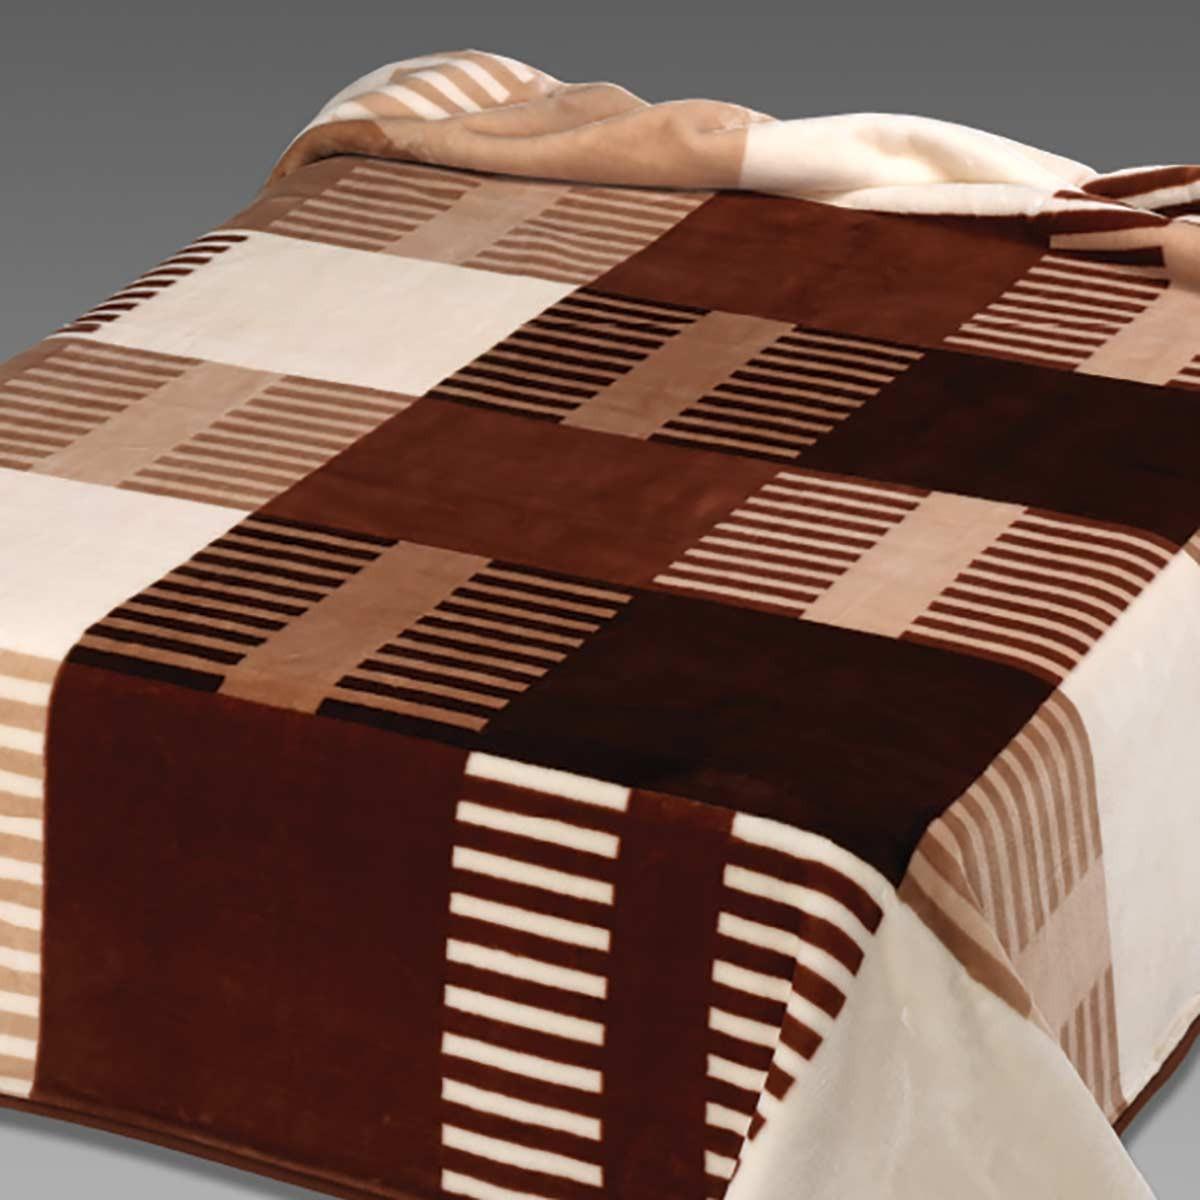 Κουβέρτα Βελουτέ Υπέρδιπλη Belpla Ster 260/M